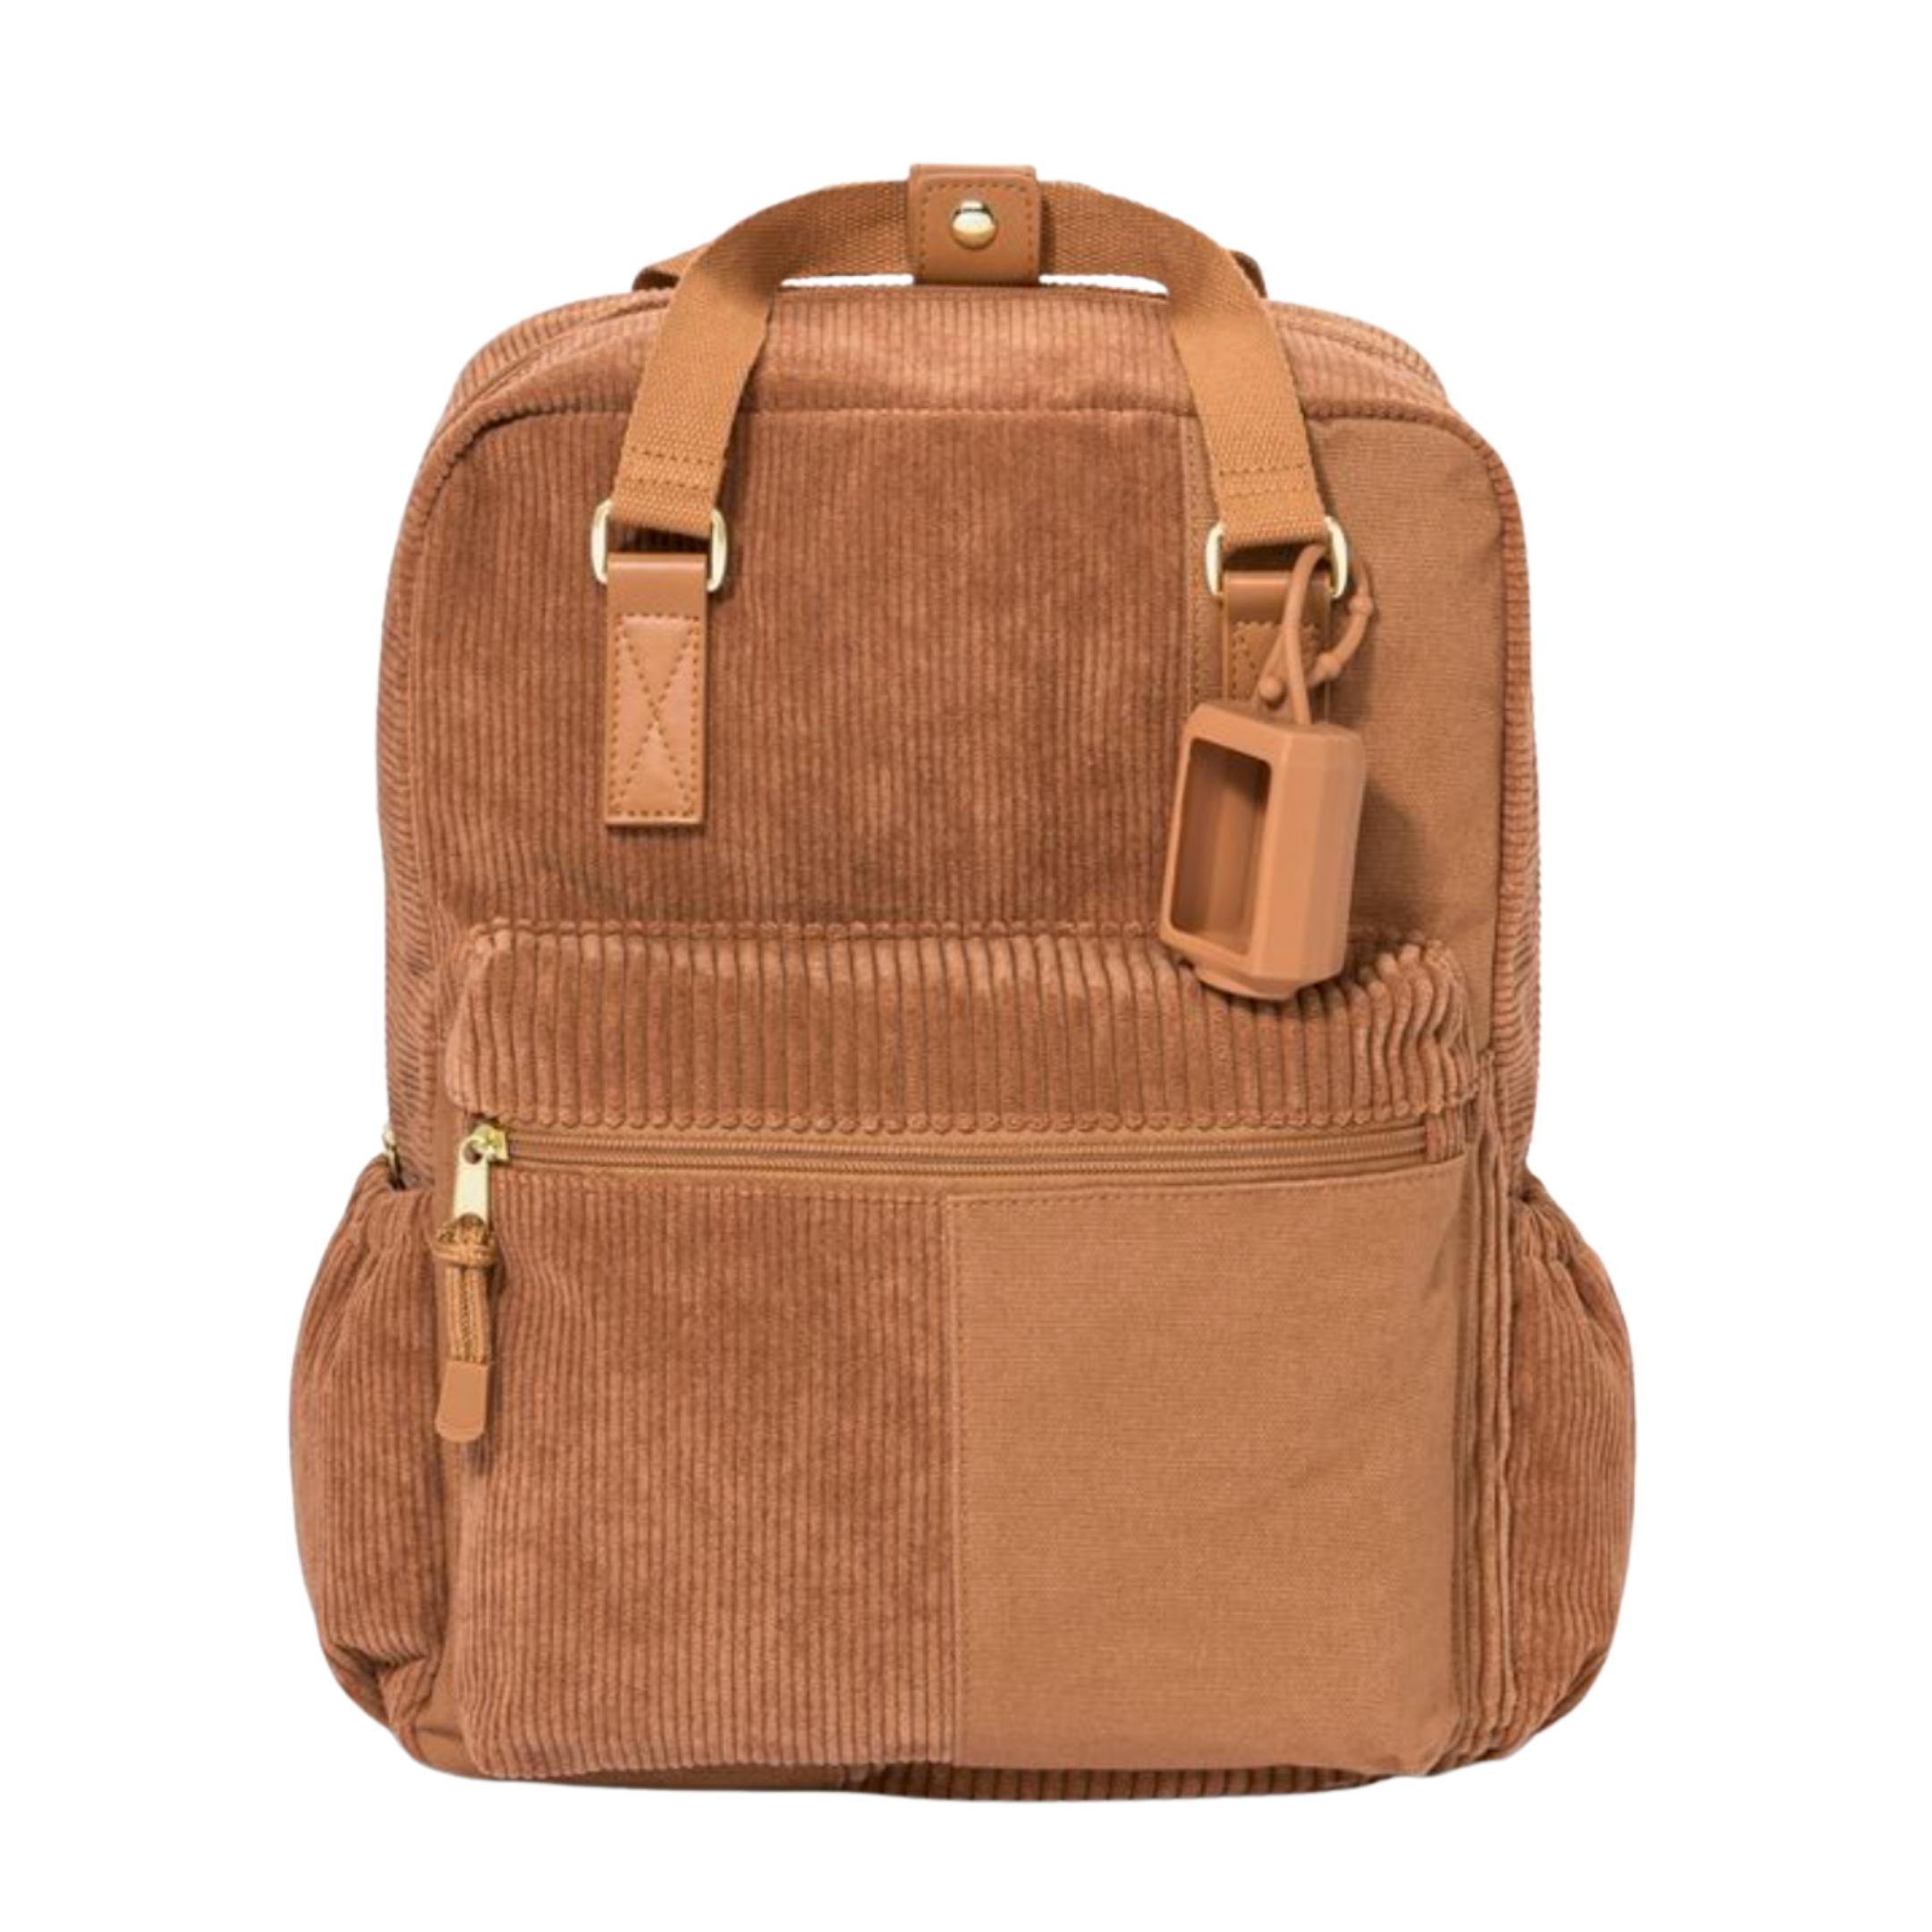 Anisten's Backpack